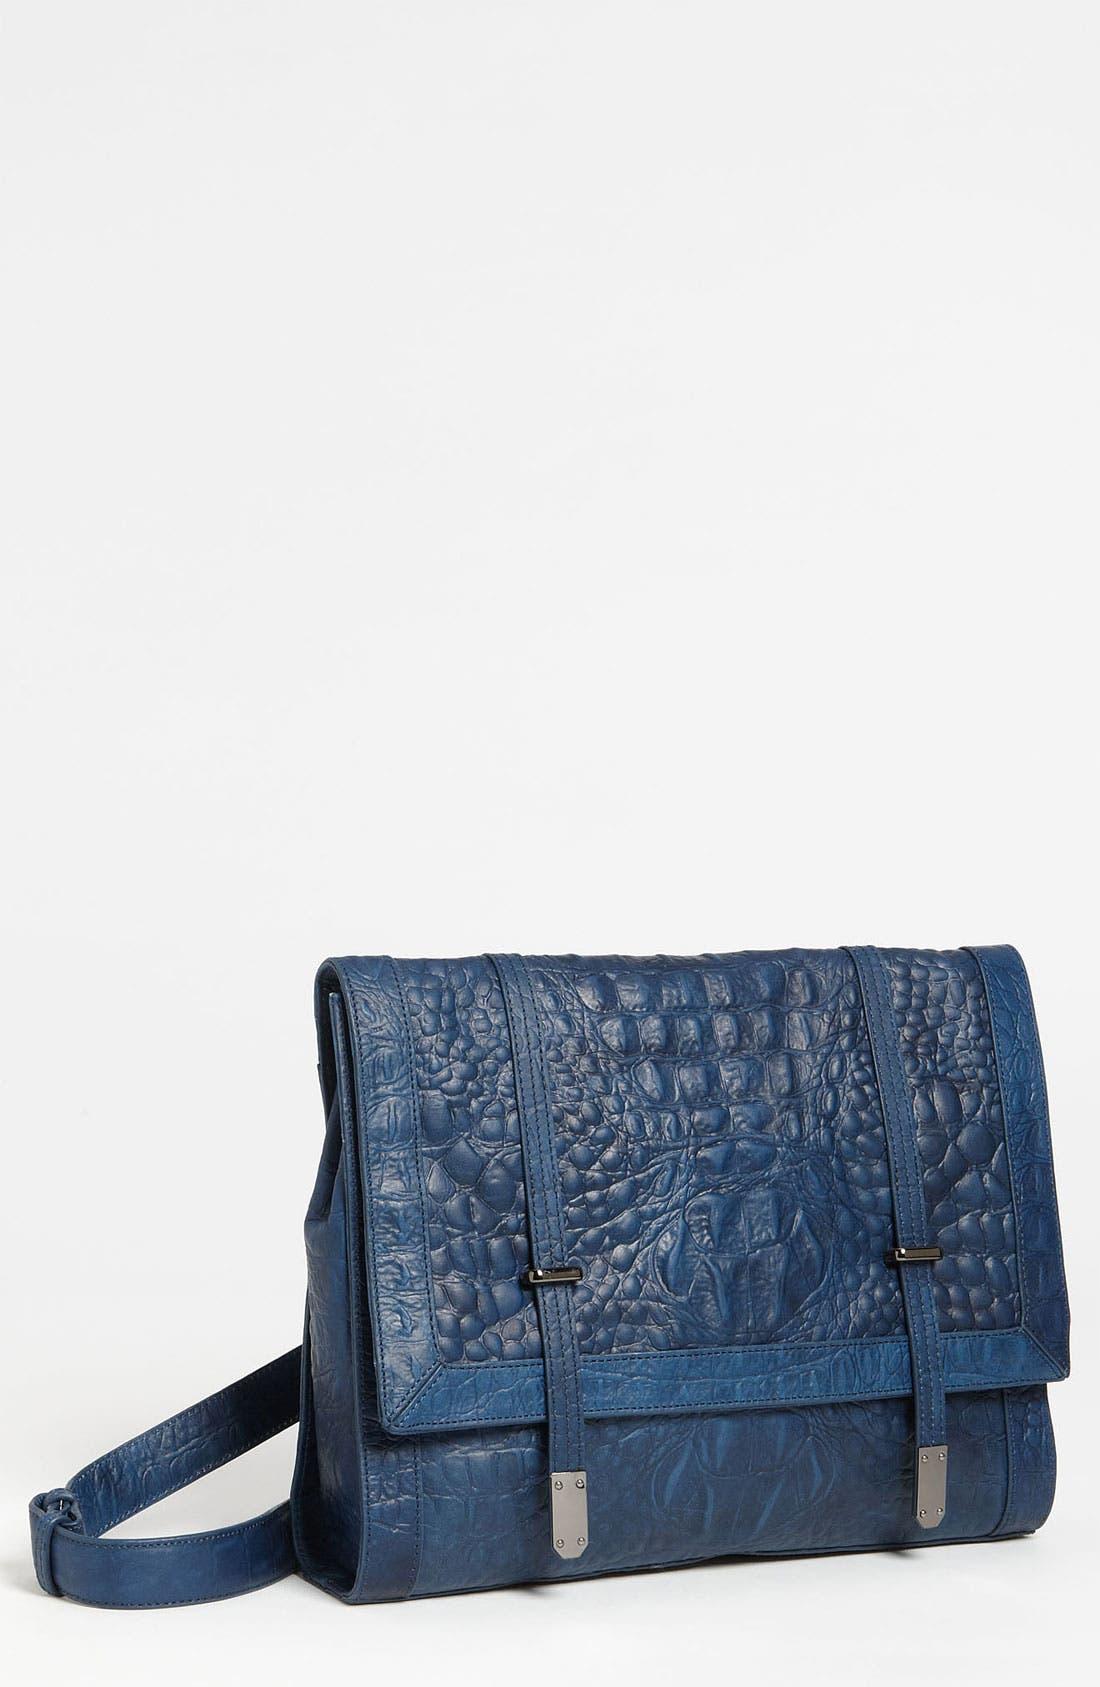 Alternate Image 1 Selected - Kenneth Cole New York 'Strap Aside' Messenger Bag